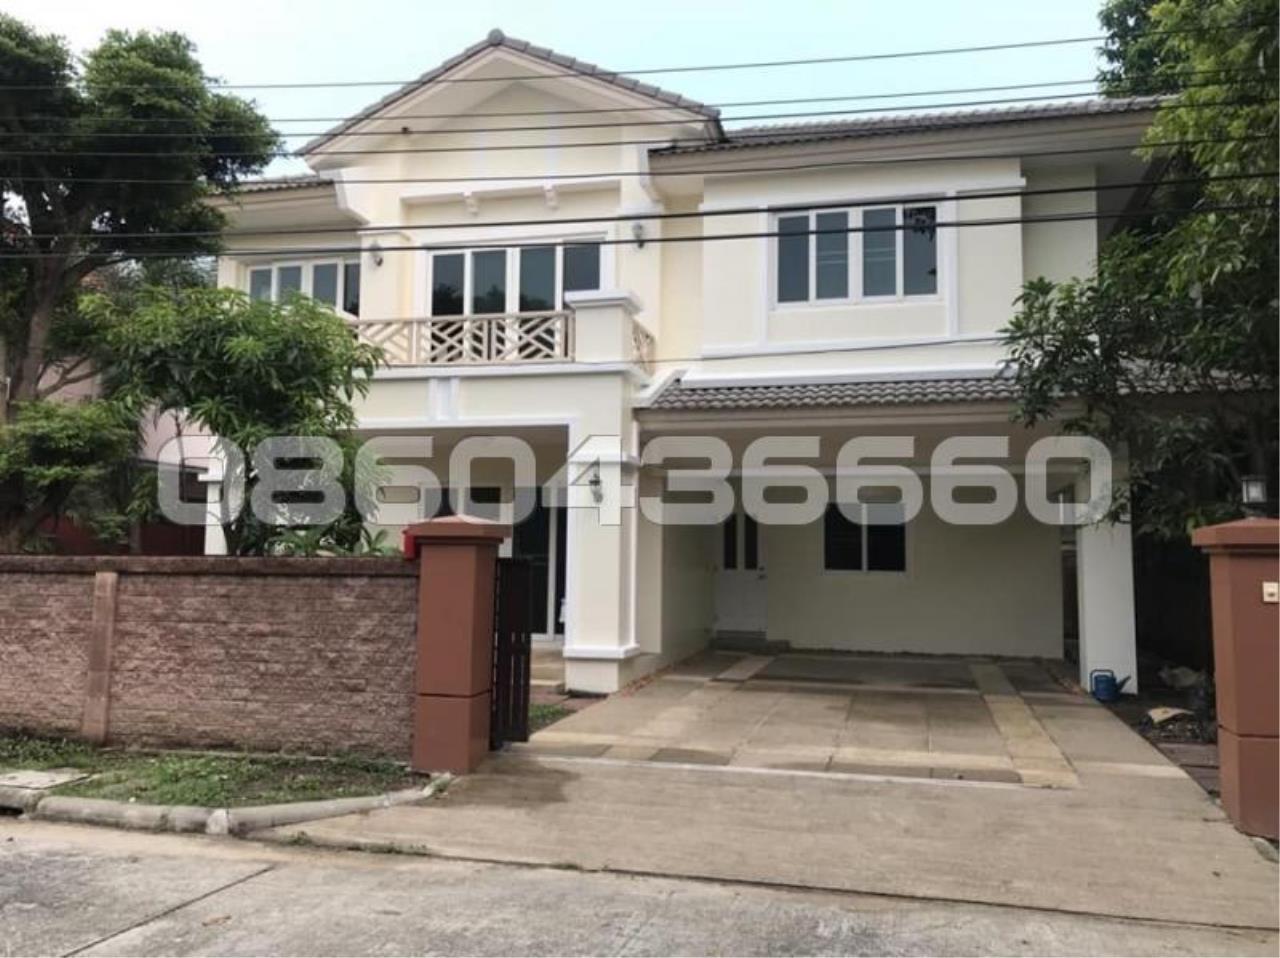 ขาย บ้าน แขวงนวลจันทร์ เขตบึงกุ่ม กรุงเทพมหานคร, ภาพที่ 2